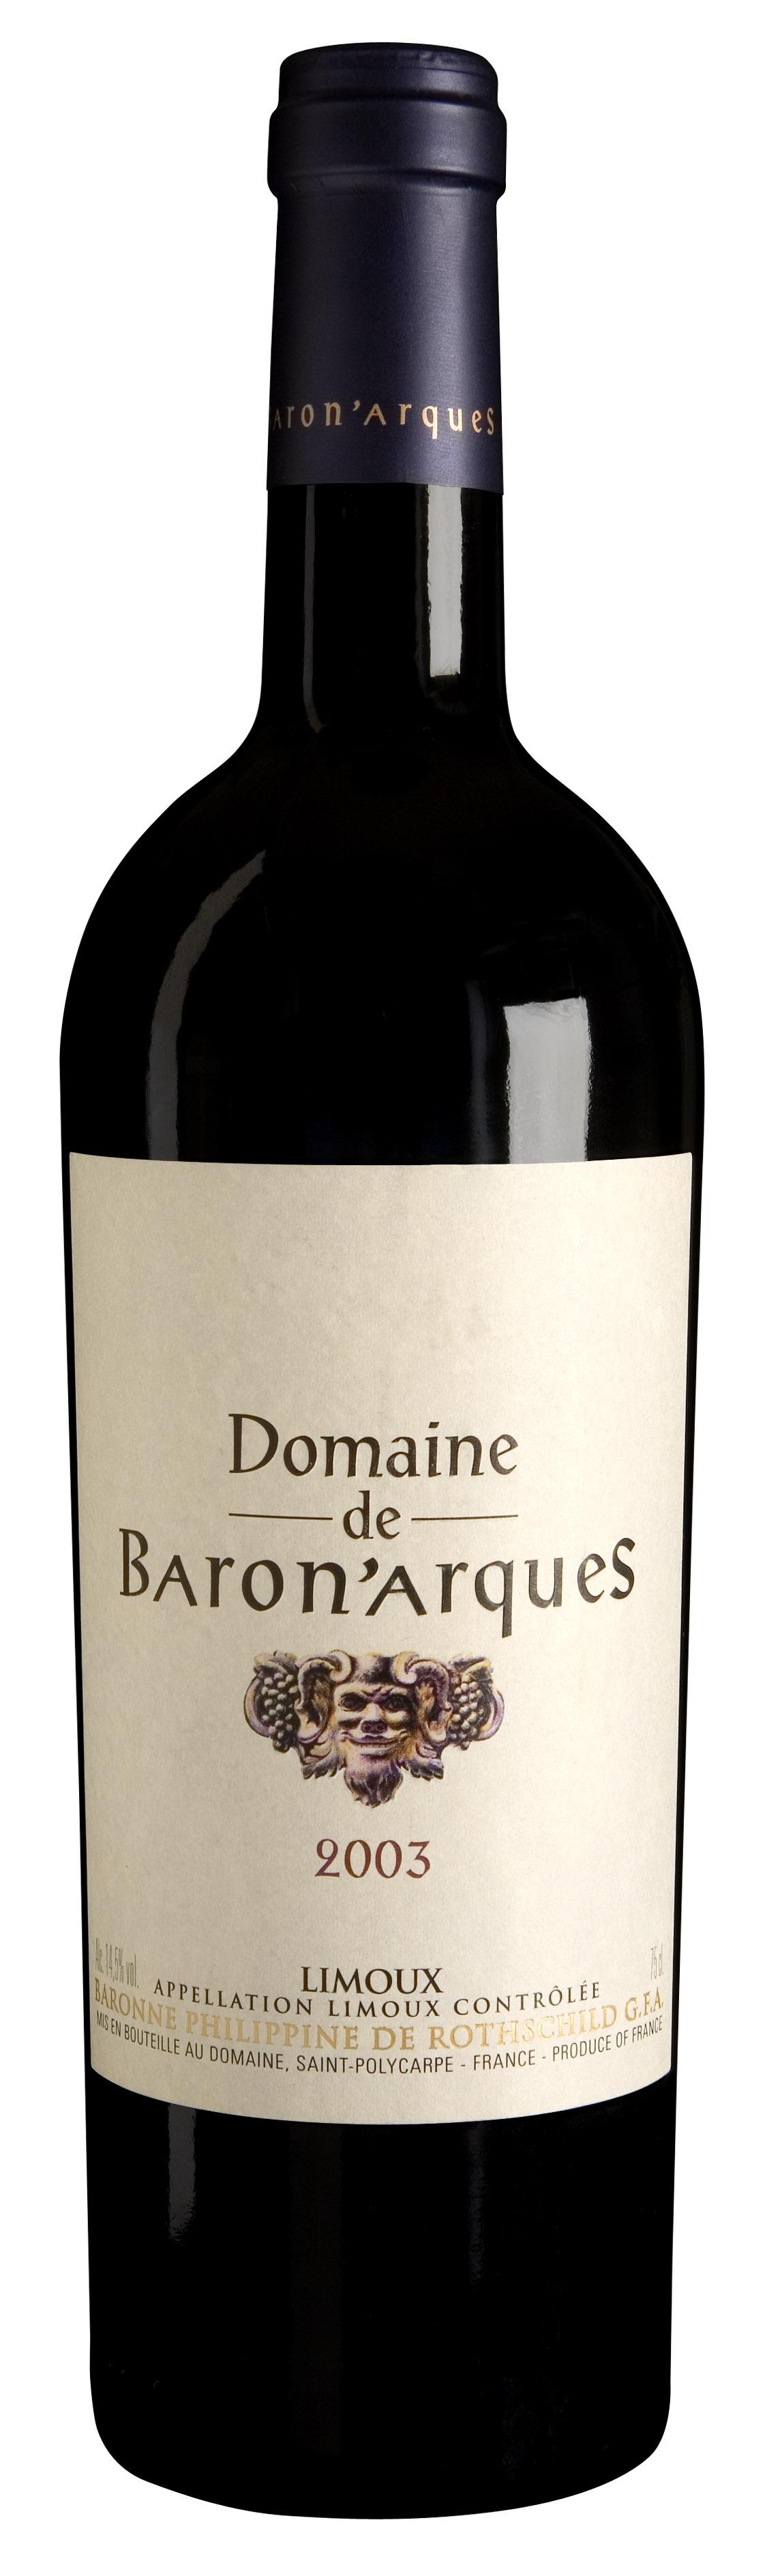 Rothschild Domaine de Baron 'Arques Limoux AC 75cl